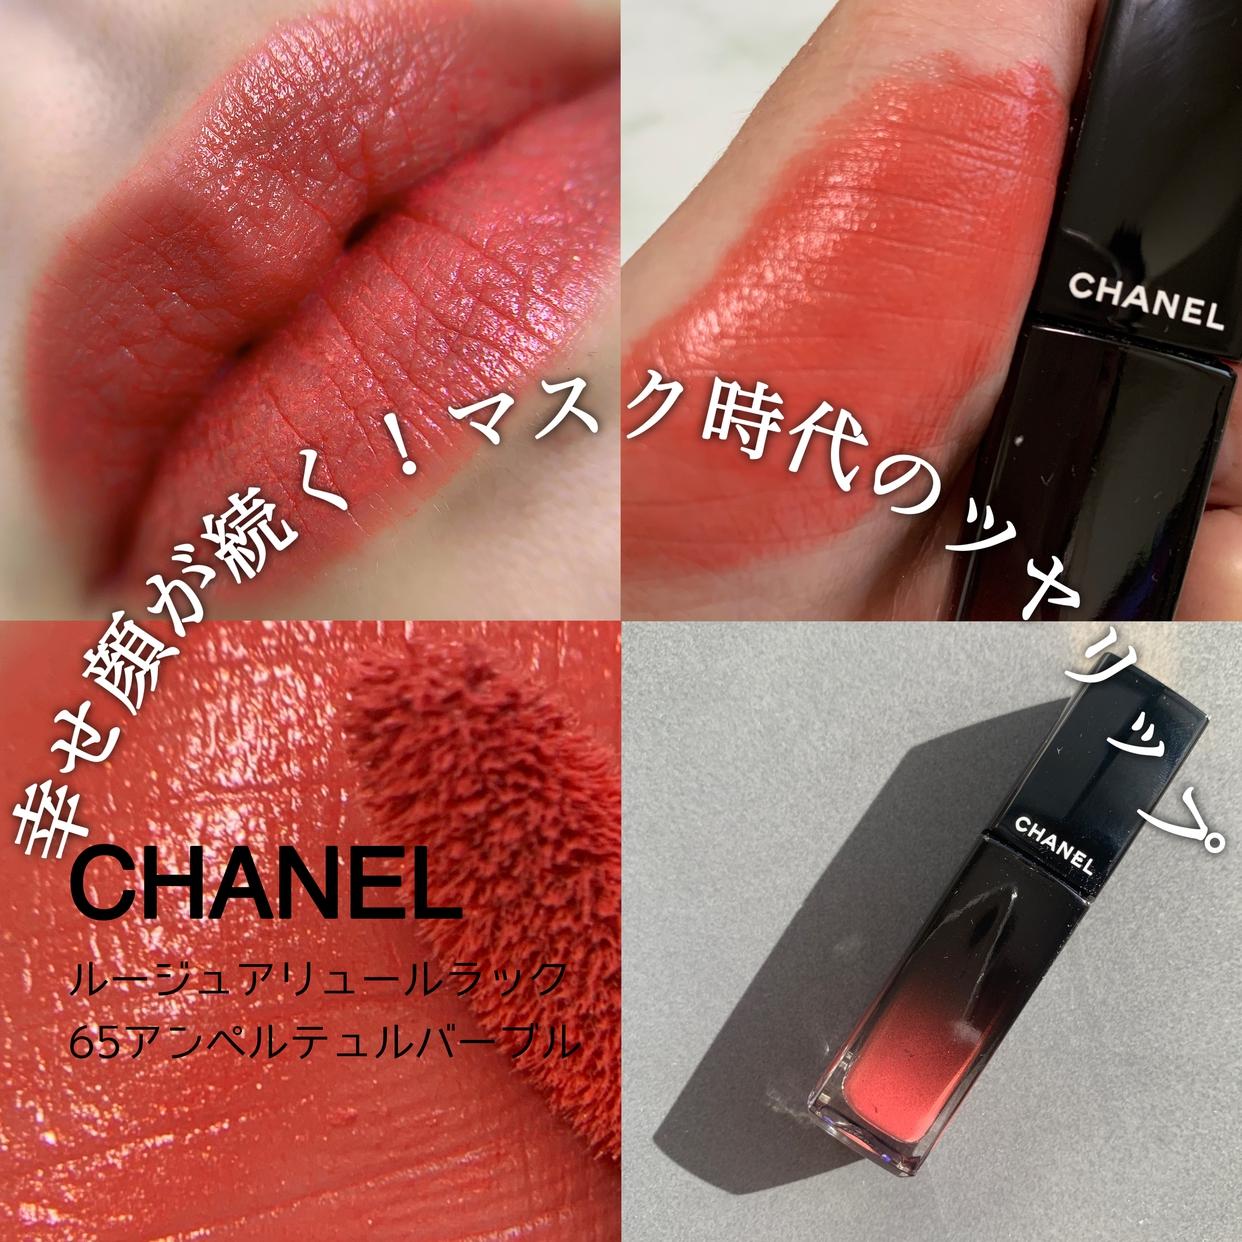 CHANEL(シャネル)ルージュ アリュール ラックを使った まてぃさんのクチコミ画像